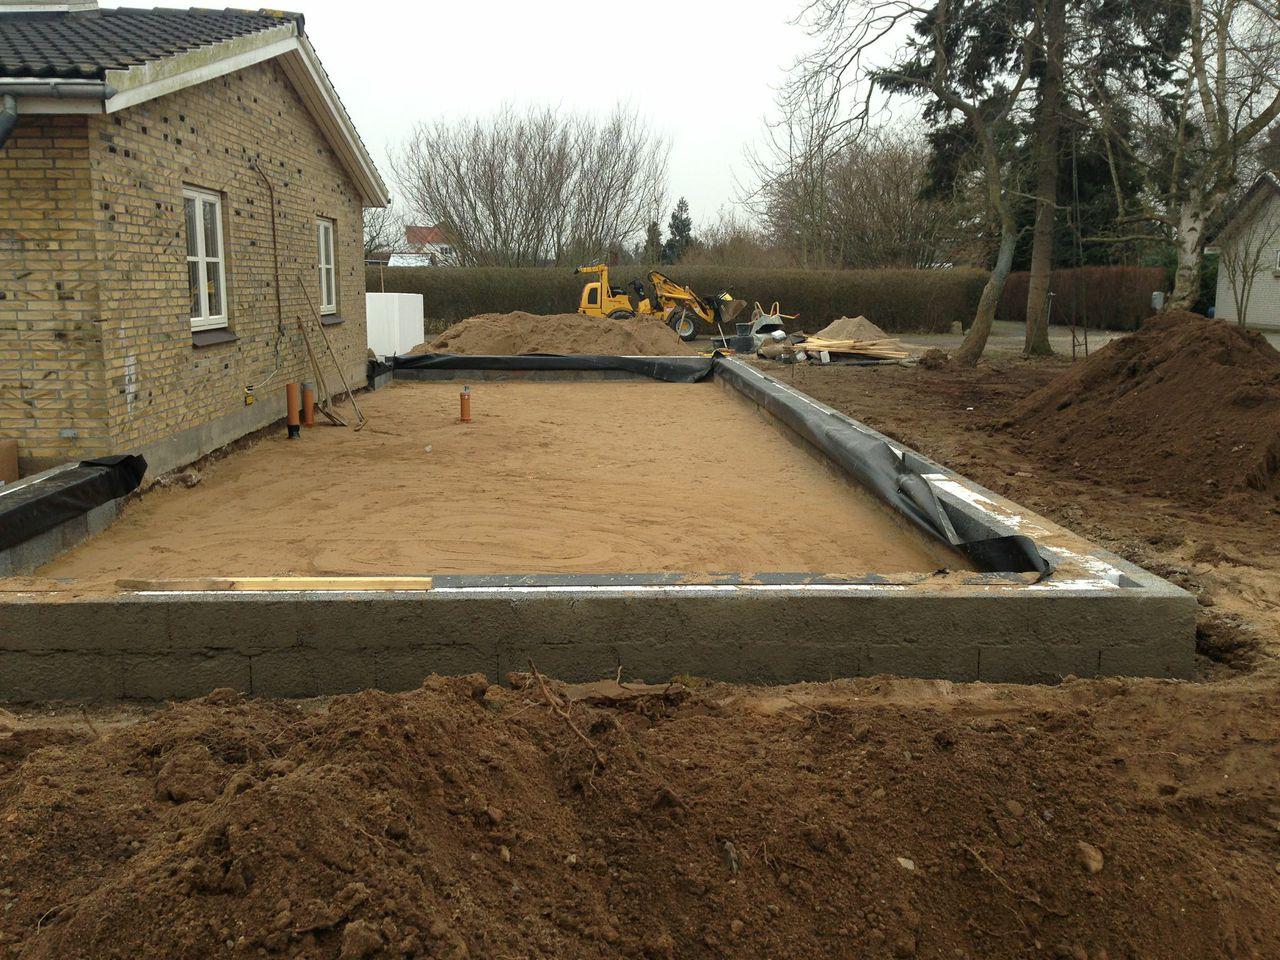 Fundament klar til at blive støbt med beton